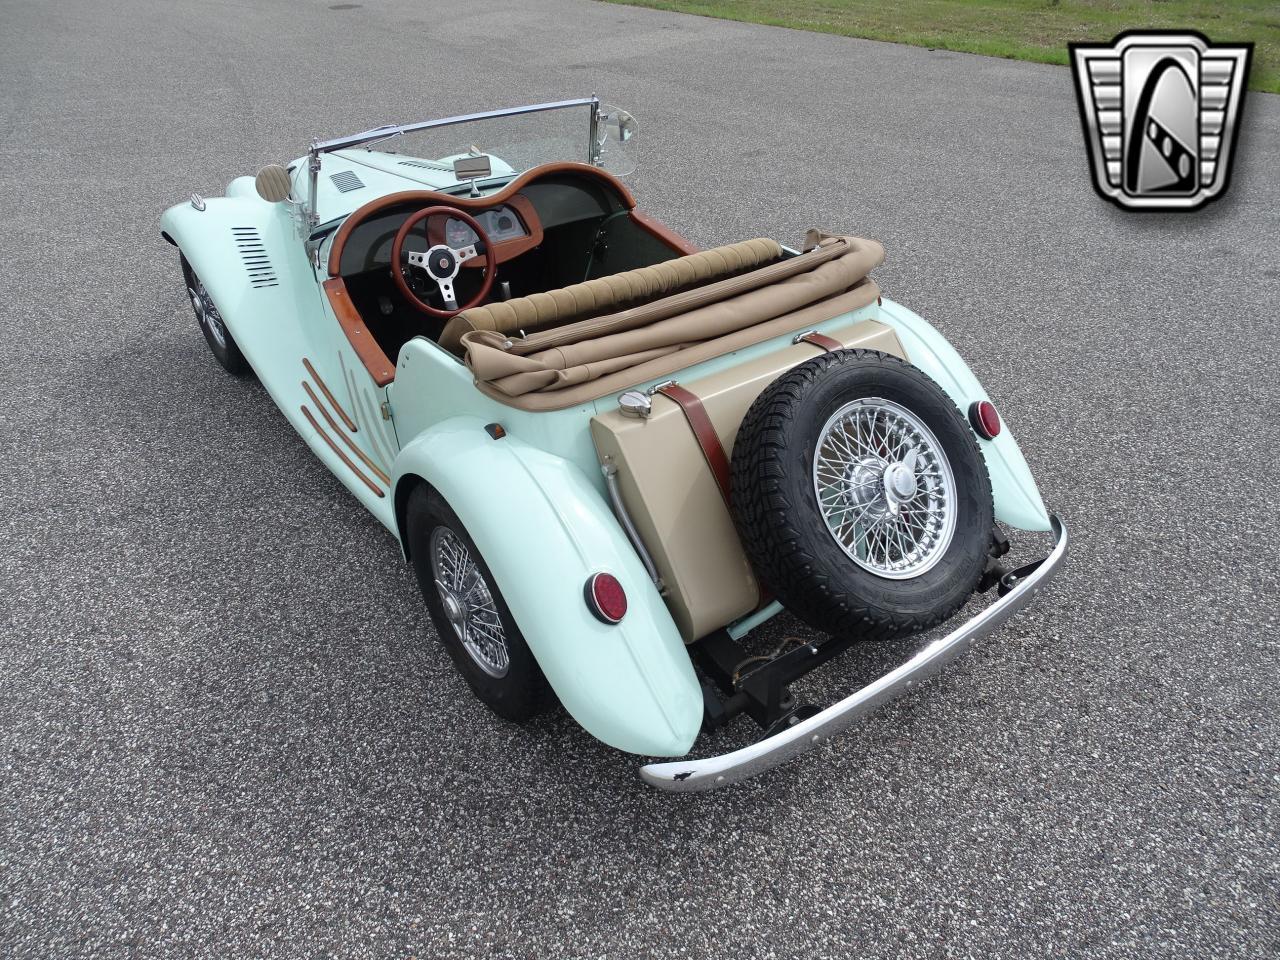 1954 MG TF 89